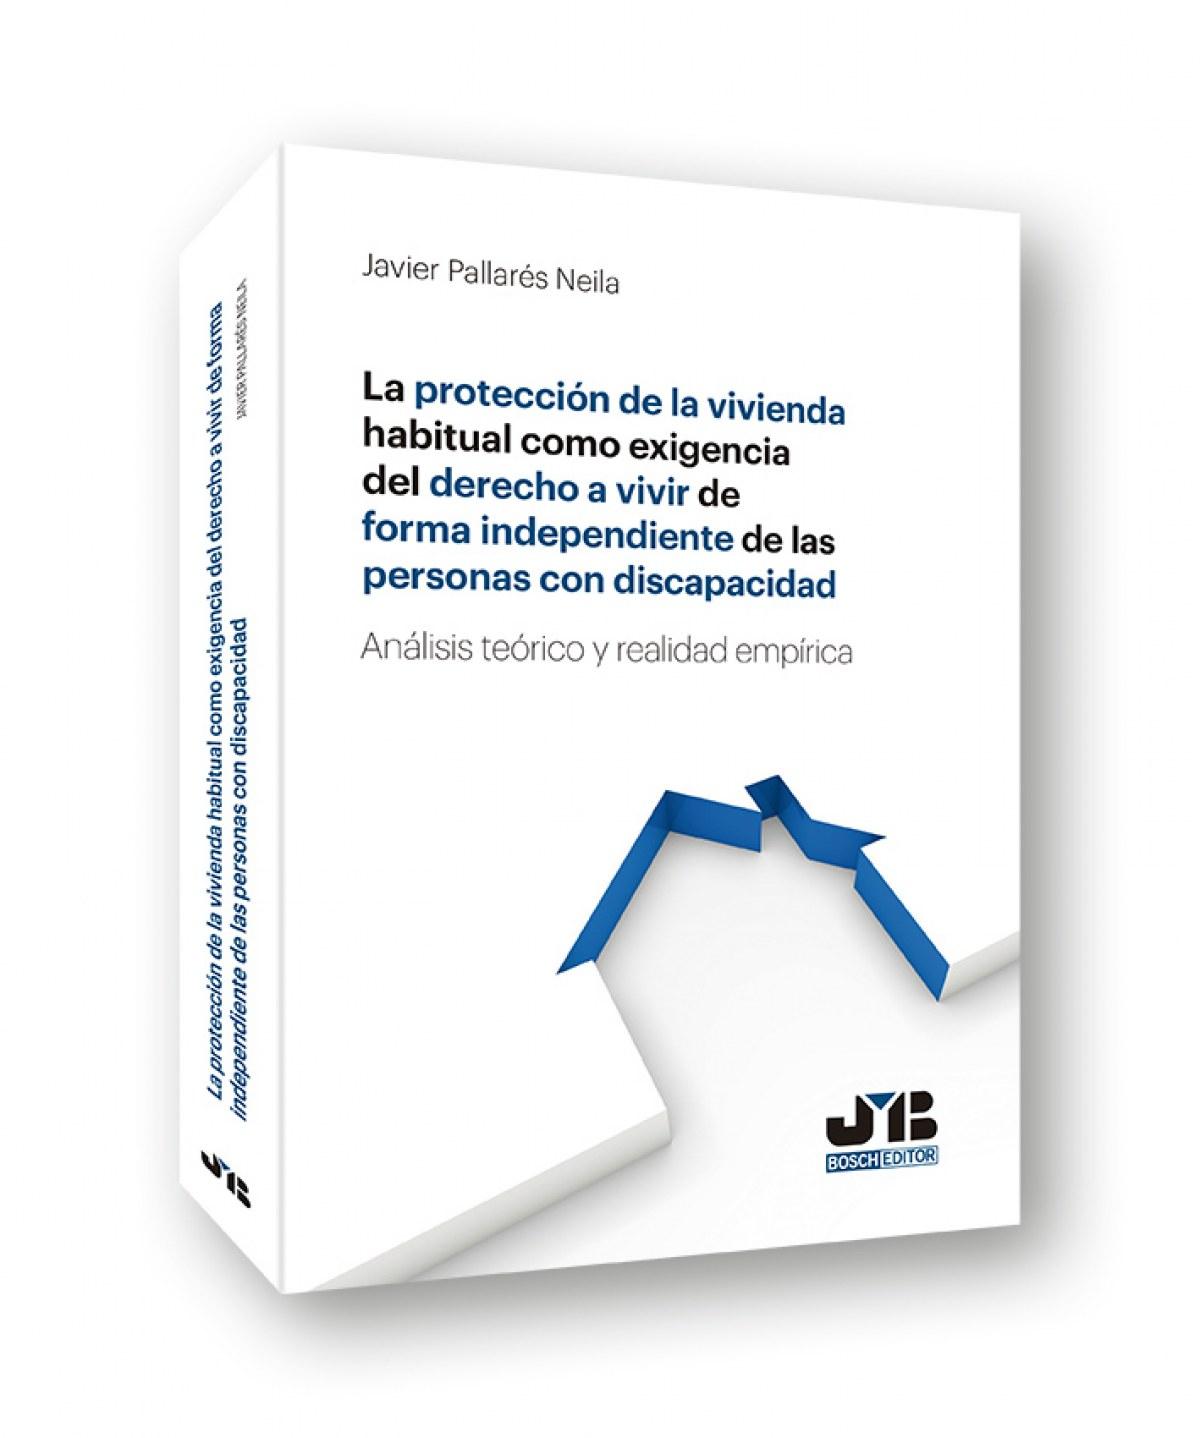 PROTECCIÓN VIVIENDA HABITUAL EXIGENCIA DERECHO A VIVIR 9788494740244